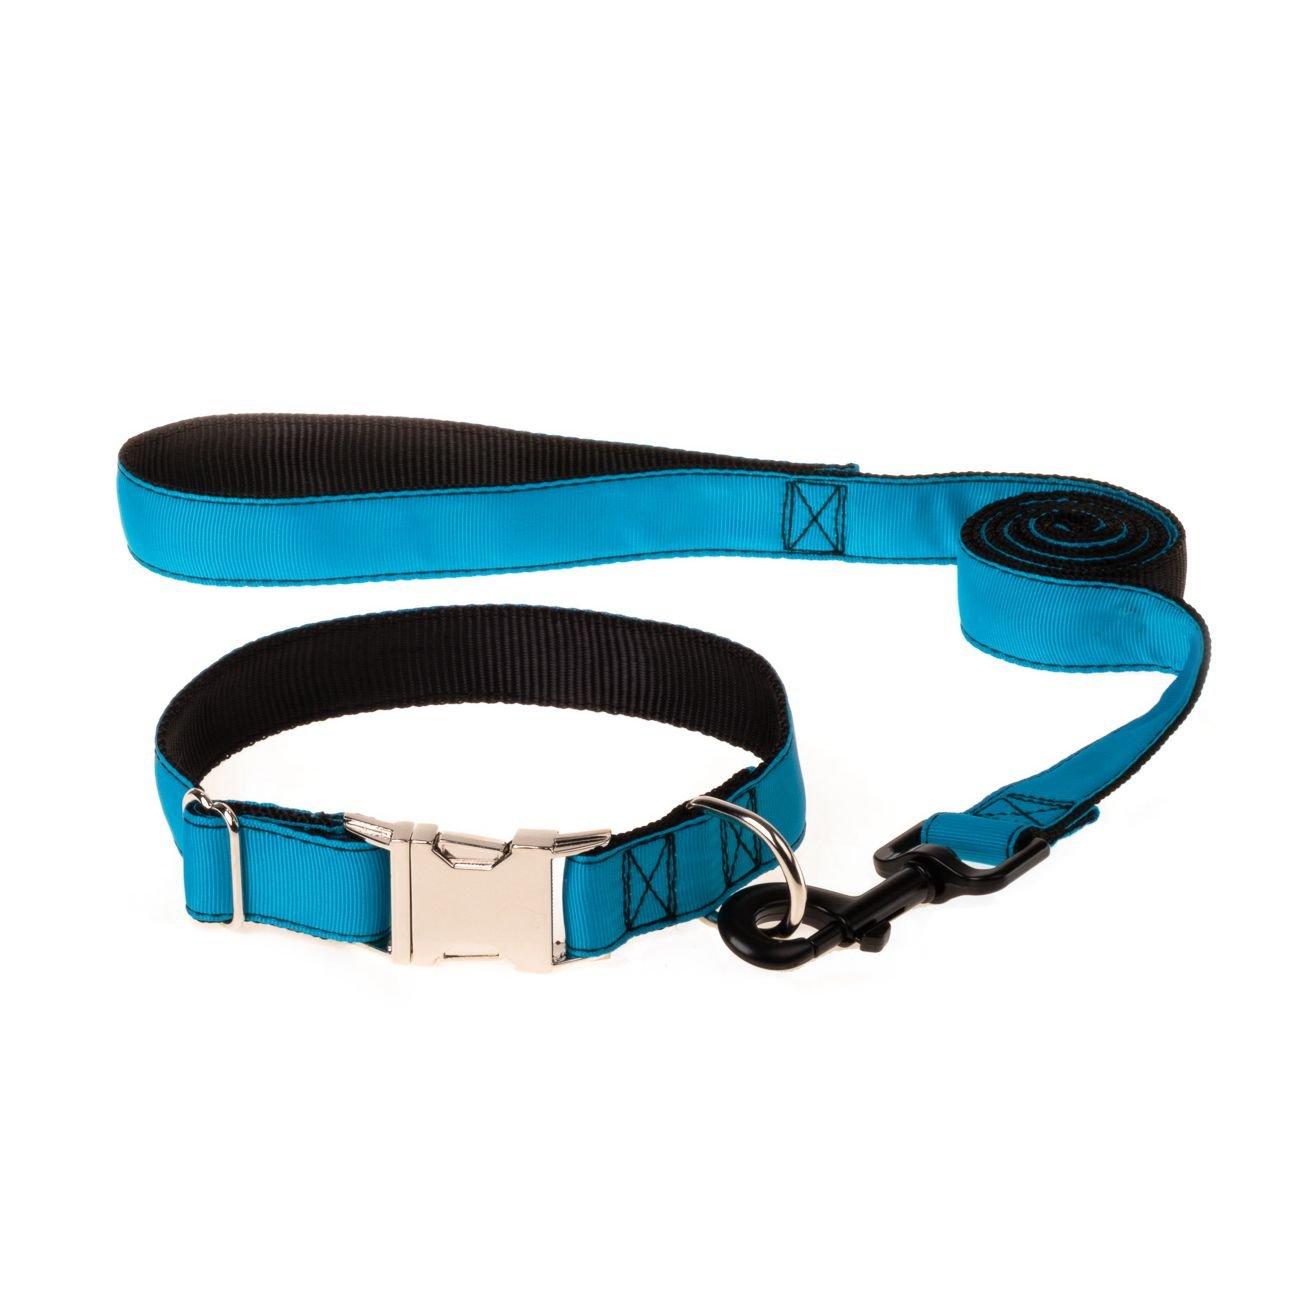 Deepskybluee Small Deepskybluee Small ComSaf Vivid Dog Collar and Leash Set S Deepskybluee